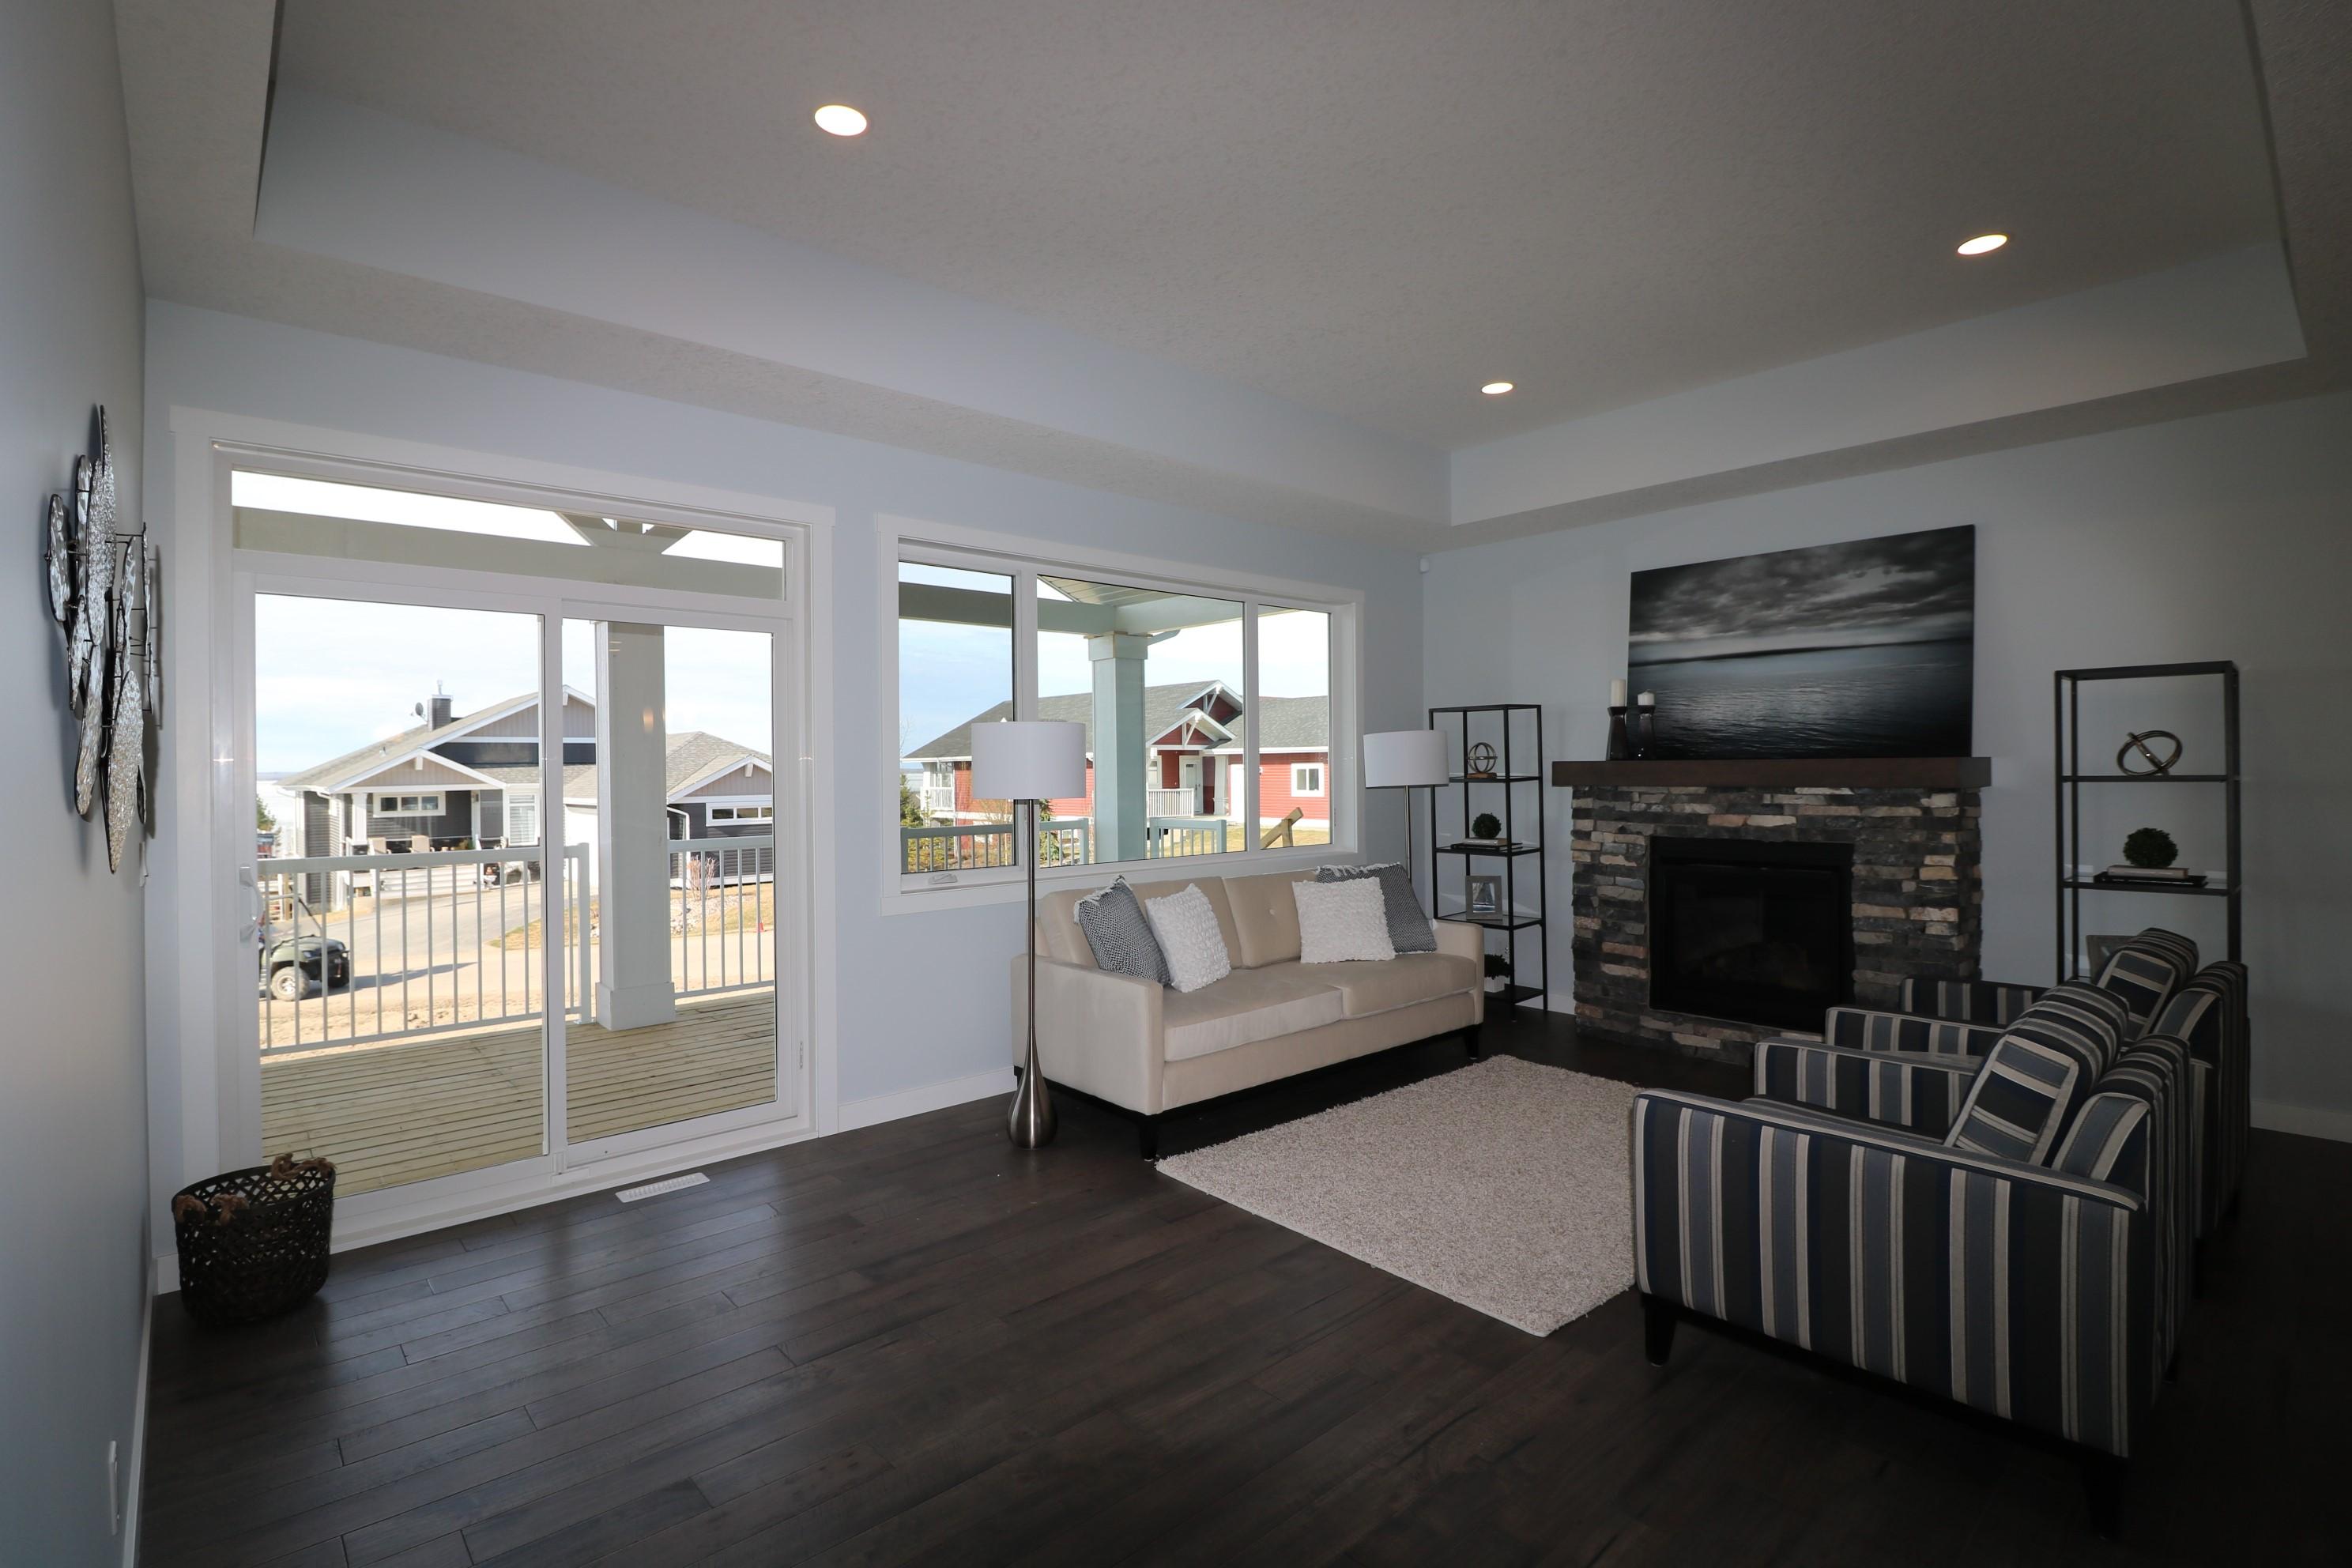 Main Floor | 1503 sq ft